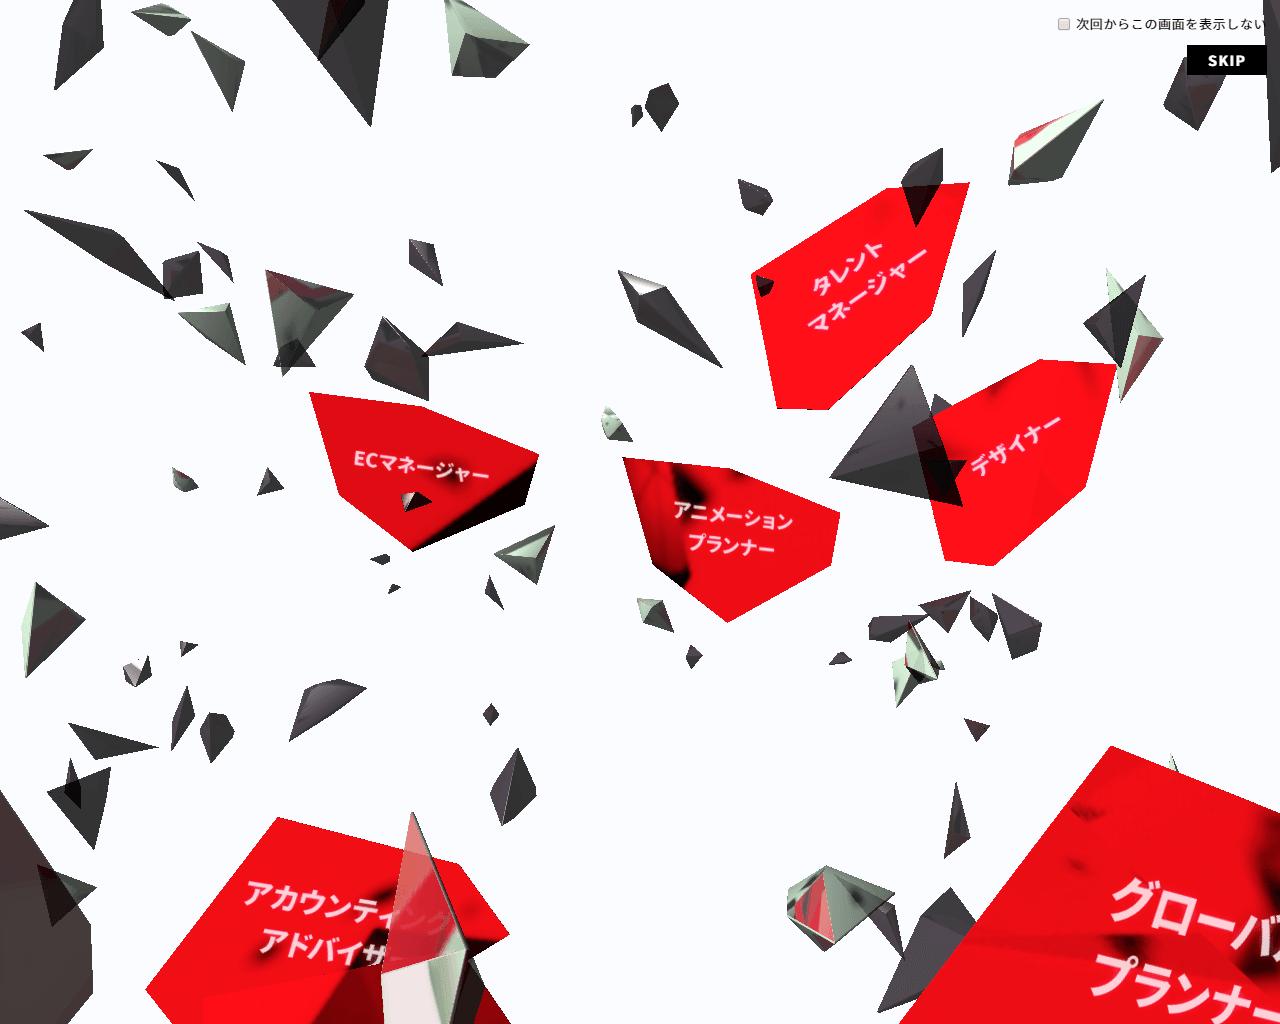 ソニーミュージックグループ新卒採用2021   ソニーミュージックグループ公式 PC画像